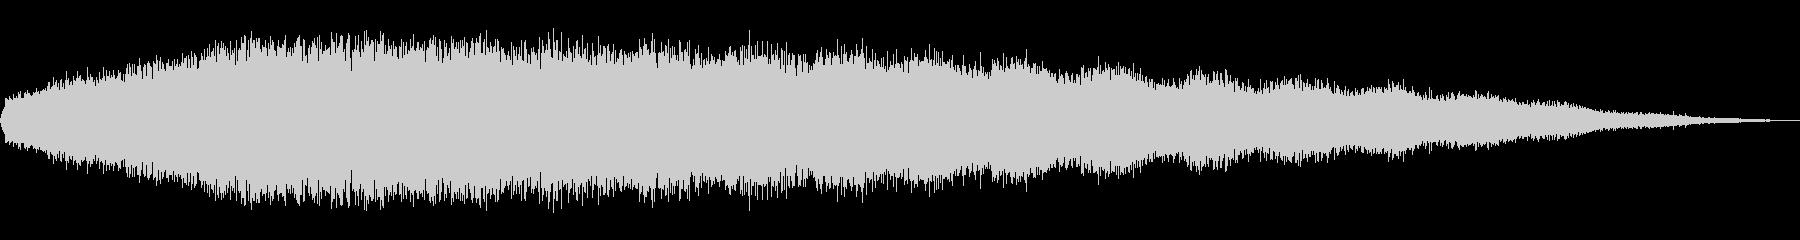 シューッという音EC07_80の未再生の波形